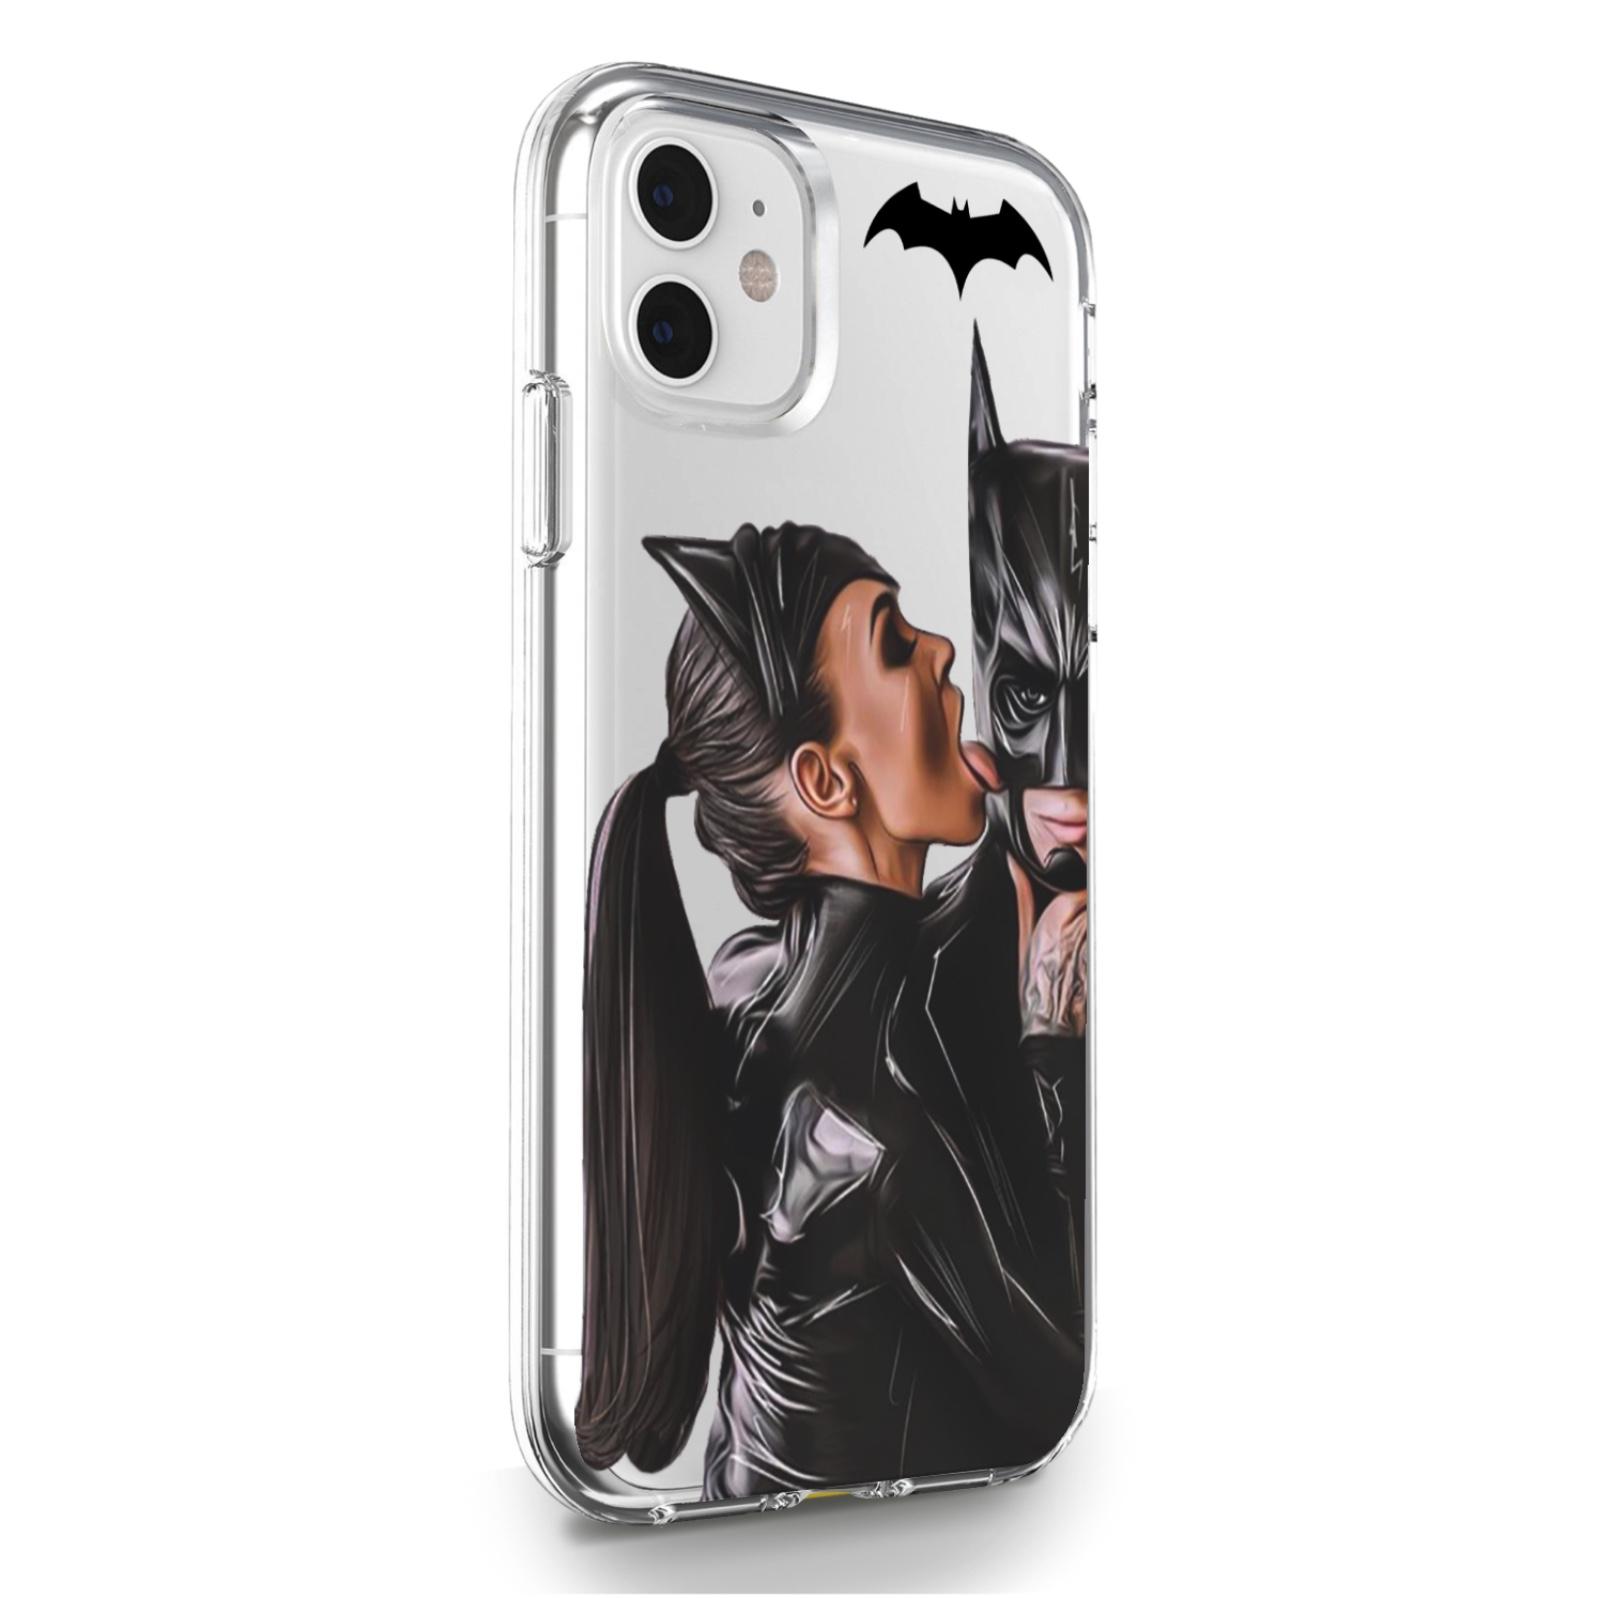 Прозрачный силиконовый чехол для iPhone 11 Cat Woman/ Женщина кошка Брюнетка для Айфон 11